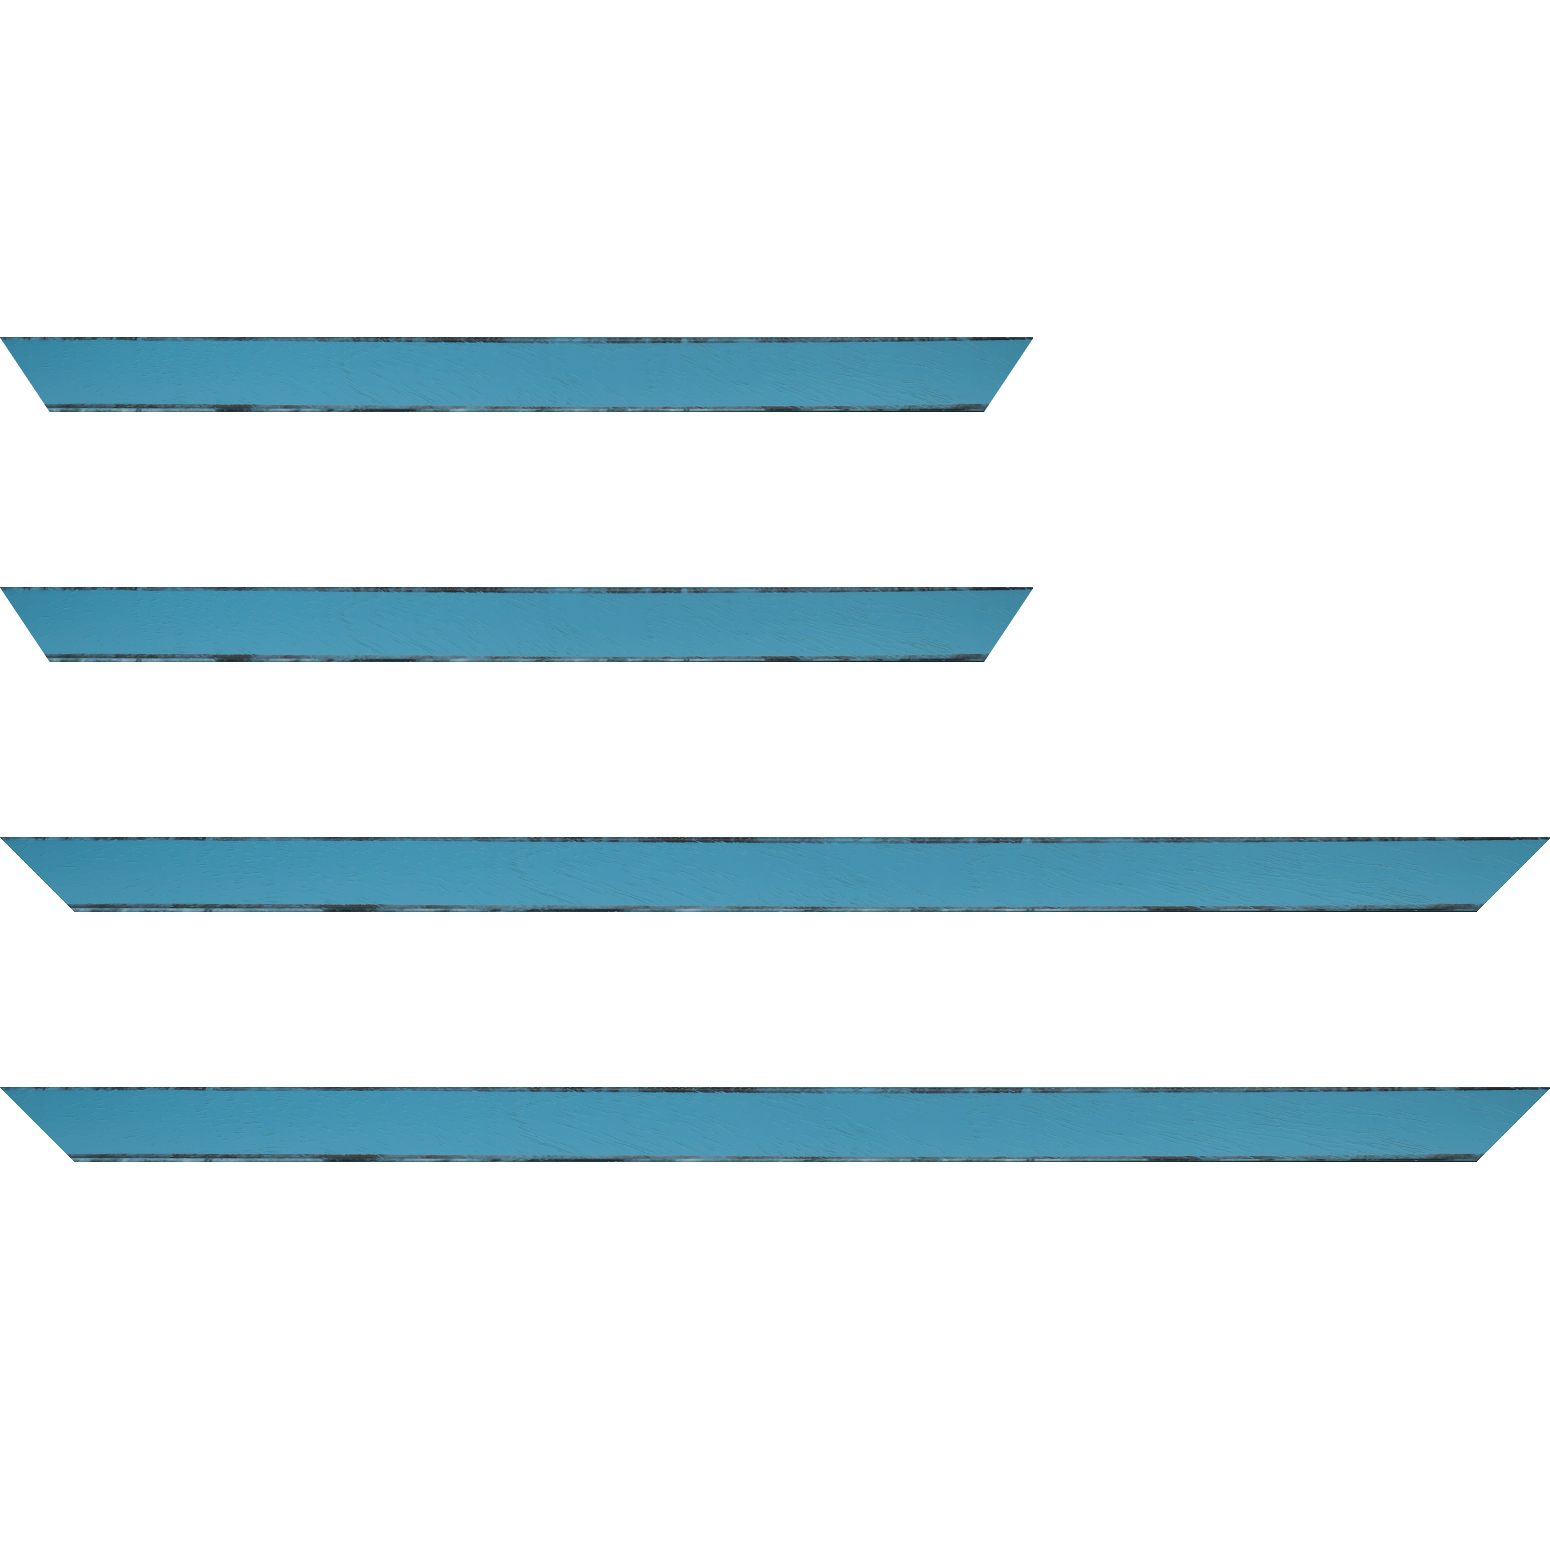 Baguette service précoupé Bois profil concave largeur 2.4cm couleur turquoise tonique  satiné  arêtes essuyés noircies de chaque coté